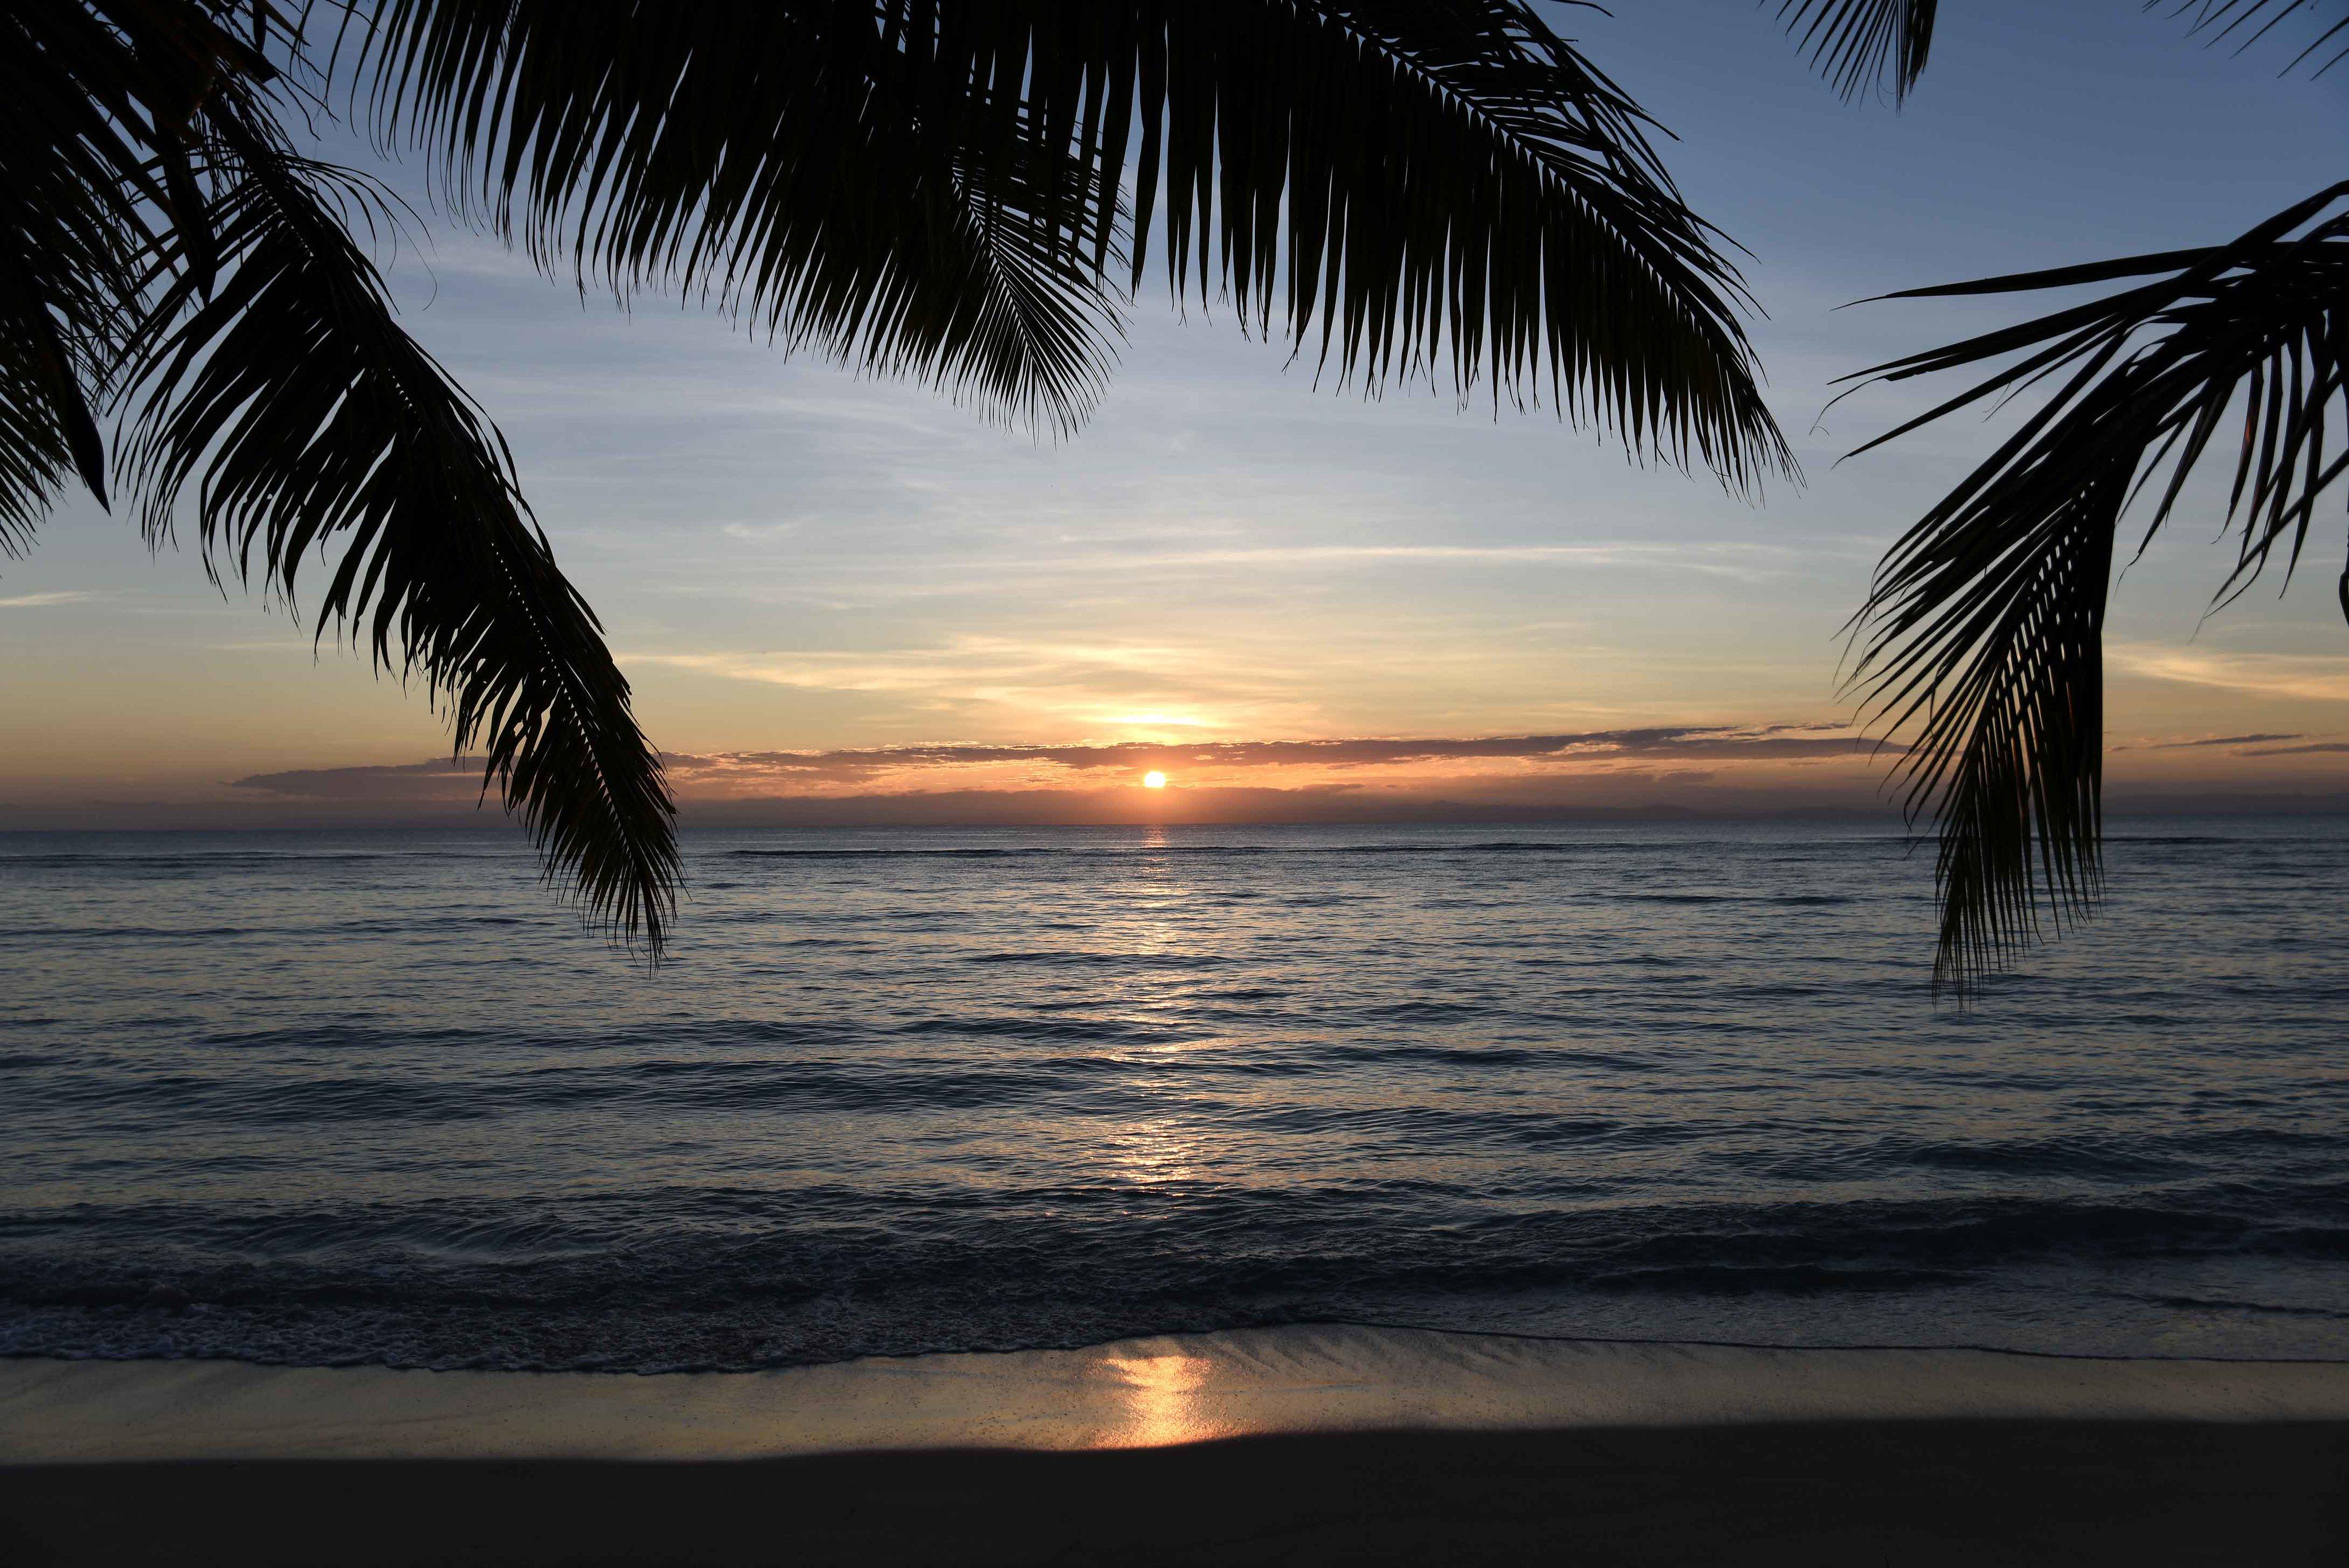 63025 Заставки и Обои Пальмы на телефон. Скачать Природа, Закат, Море, Побережье, Горизонт, Пальмы картинки бесплатно